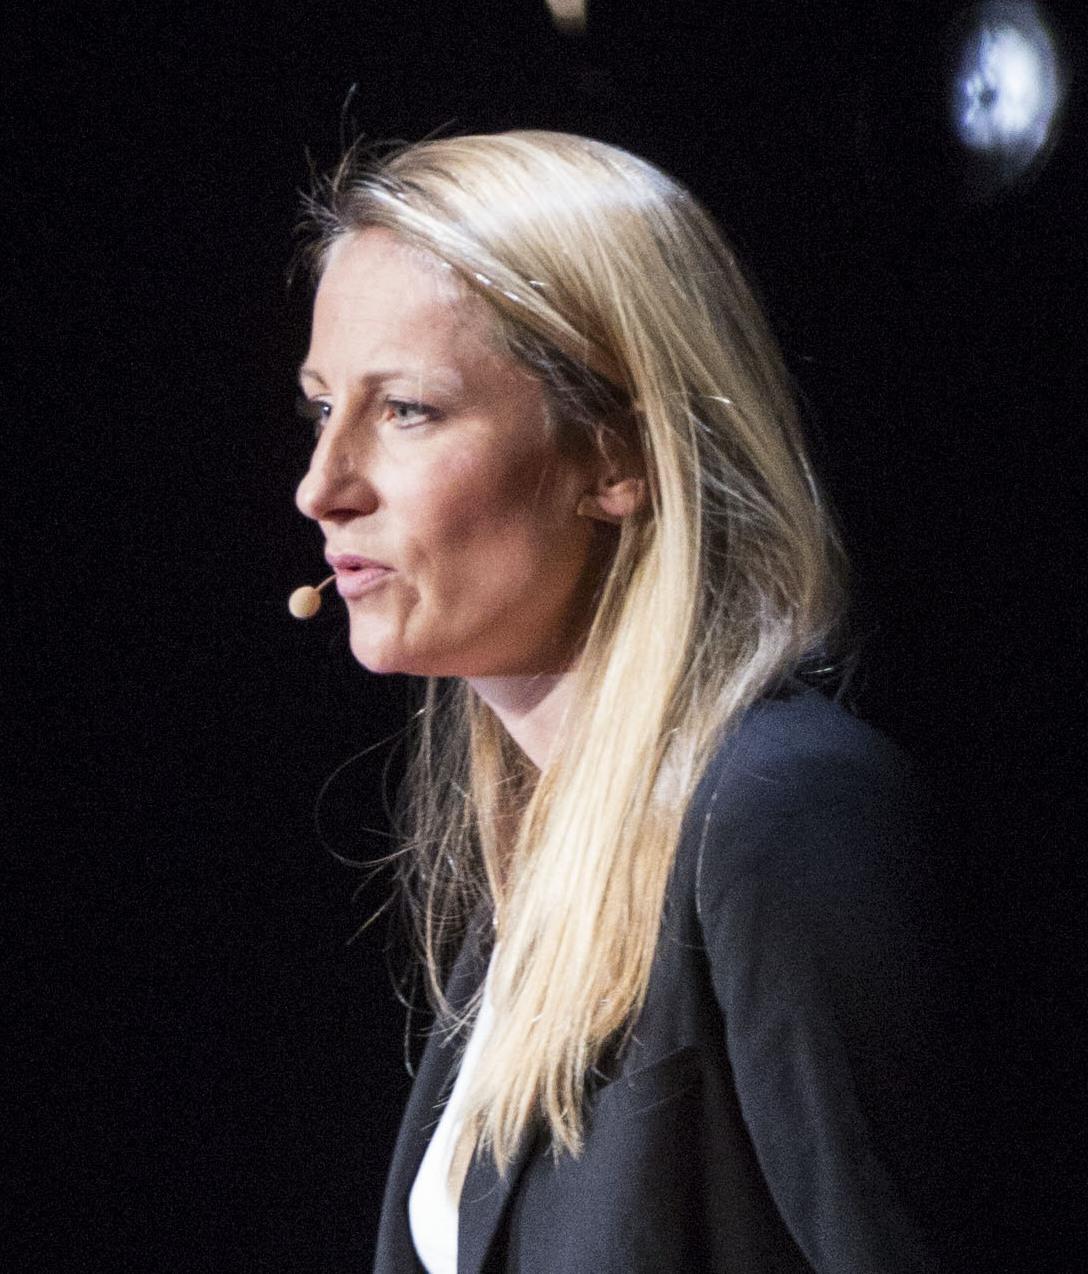 Image of Véronique de Viguerie from Wikidata